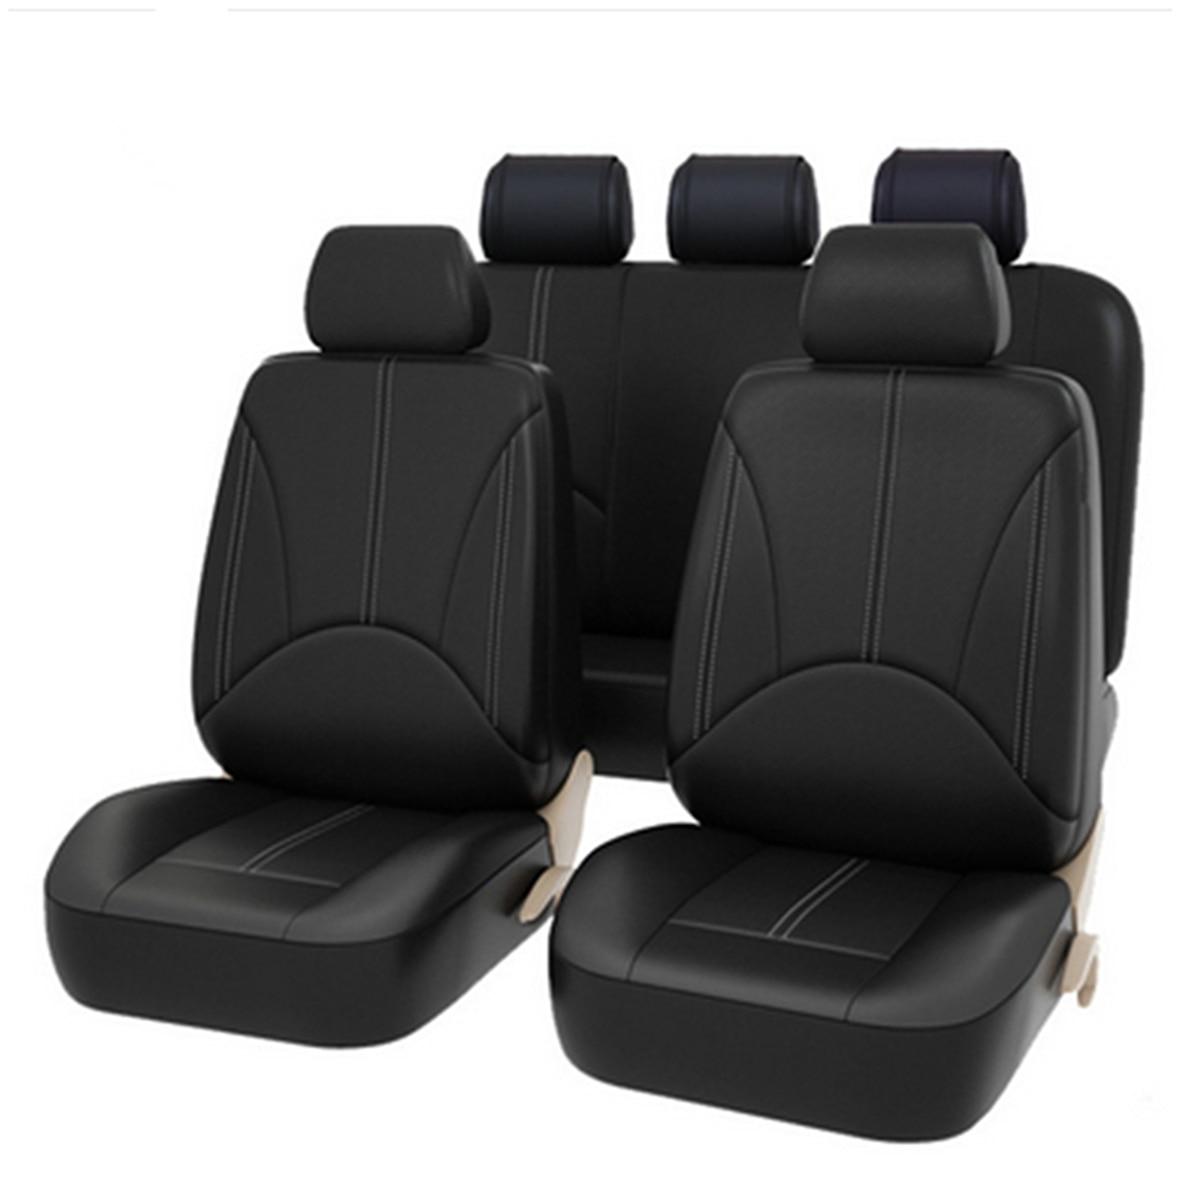 Universal Auto PU Leder Vorne Auto Sitzbezüge Zurück Eimer Auto Sitz Abdeckung Auto Innen Auto Seat Protector Abdeckung Hohe qualität